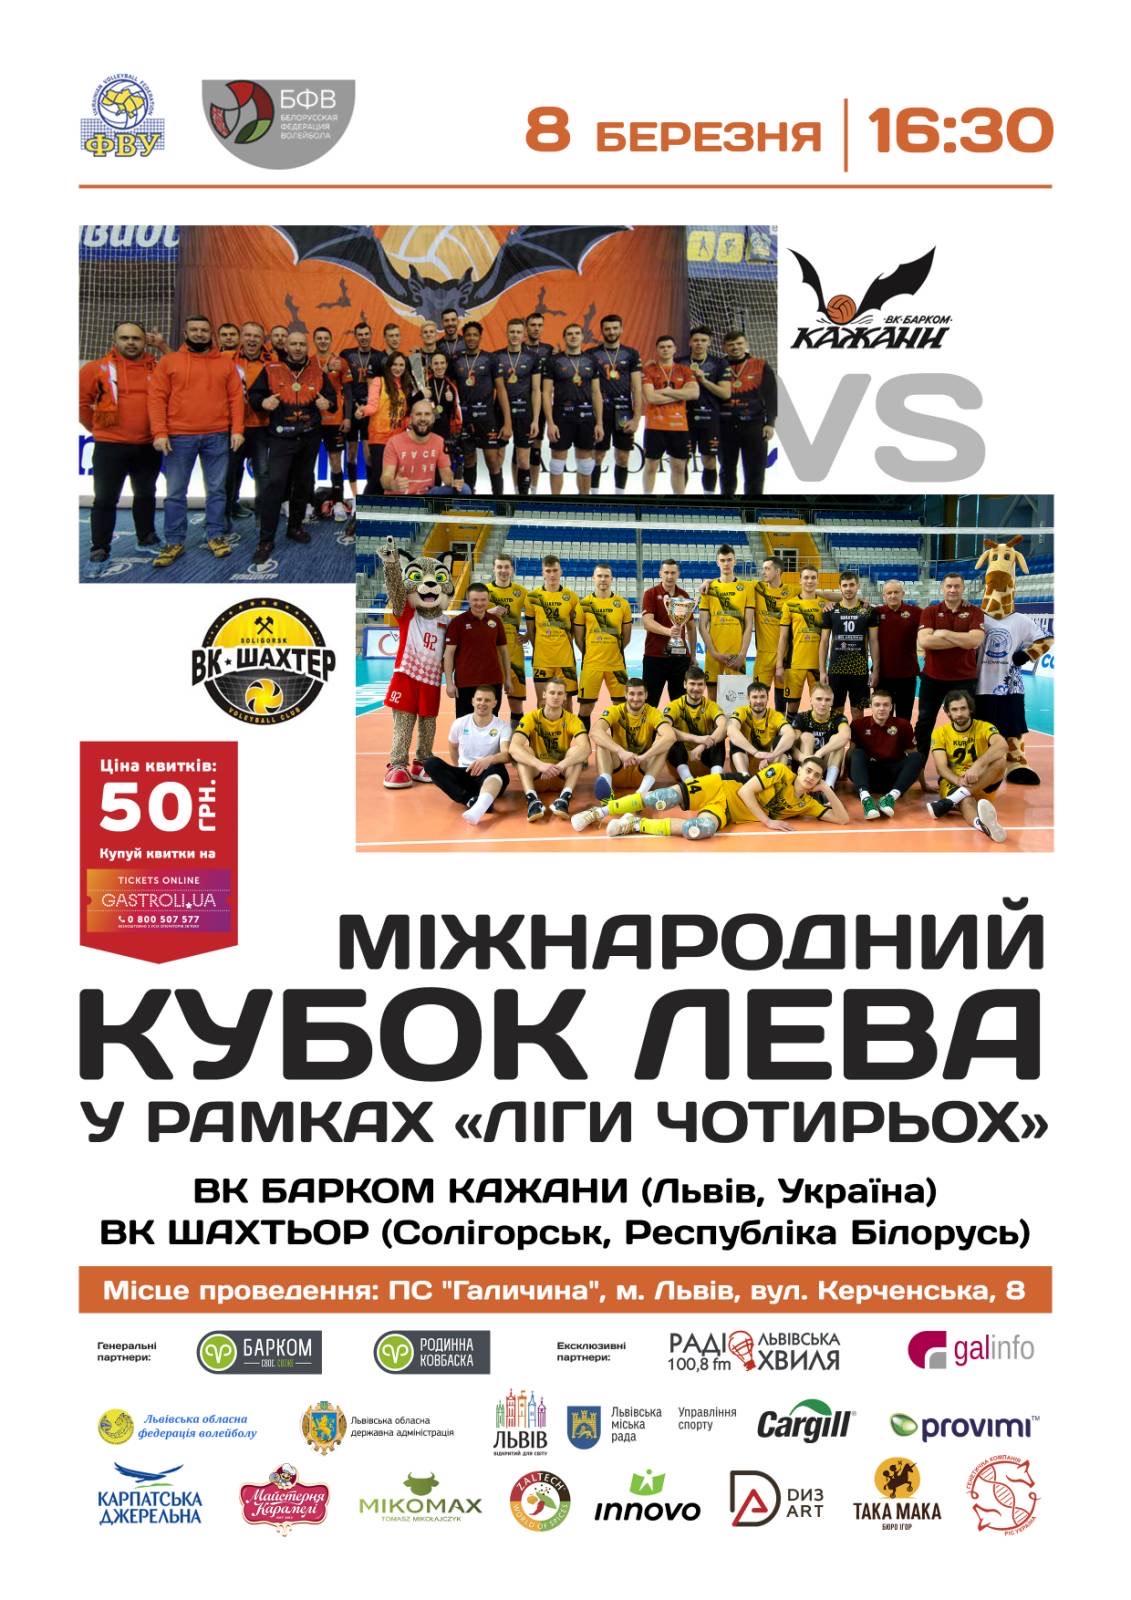 В рамках «Ліги чотирьох» «кажани» прийматимуть вдома білоруський «Шахтер»